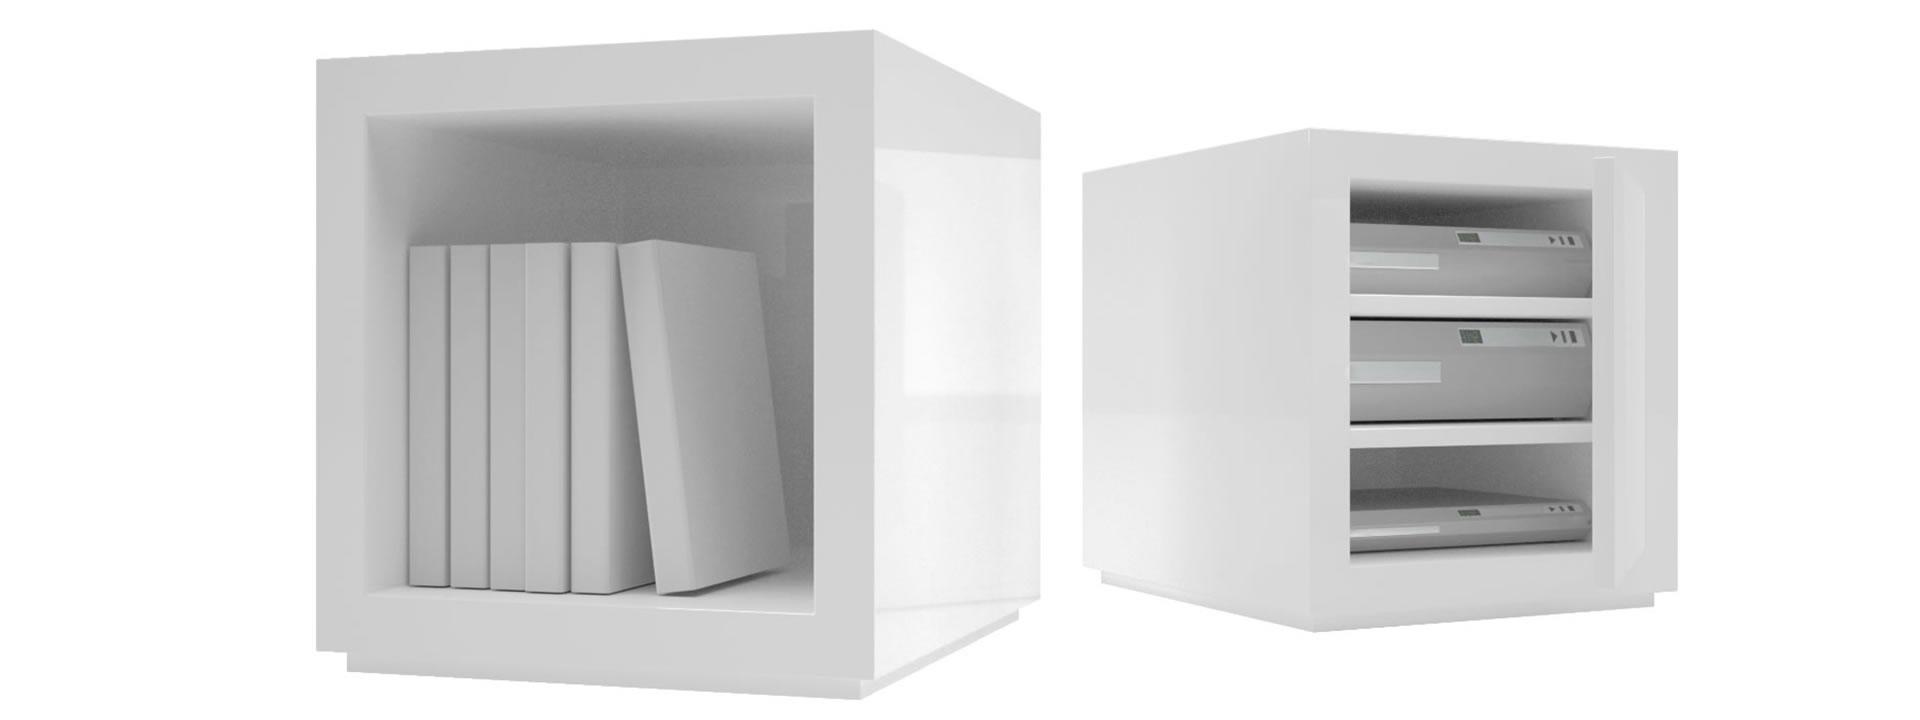 Full Size of Regal Hochglanz Weiß Regalsystem Lectulus Quadratische Design Wrfel Von Weißes Industrie Leiter Fächer Auf Maß Küche Holz Roller Regale Bad Kommode Tv Cd Regal Regal Hochglanz Weiß